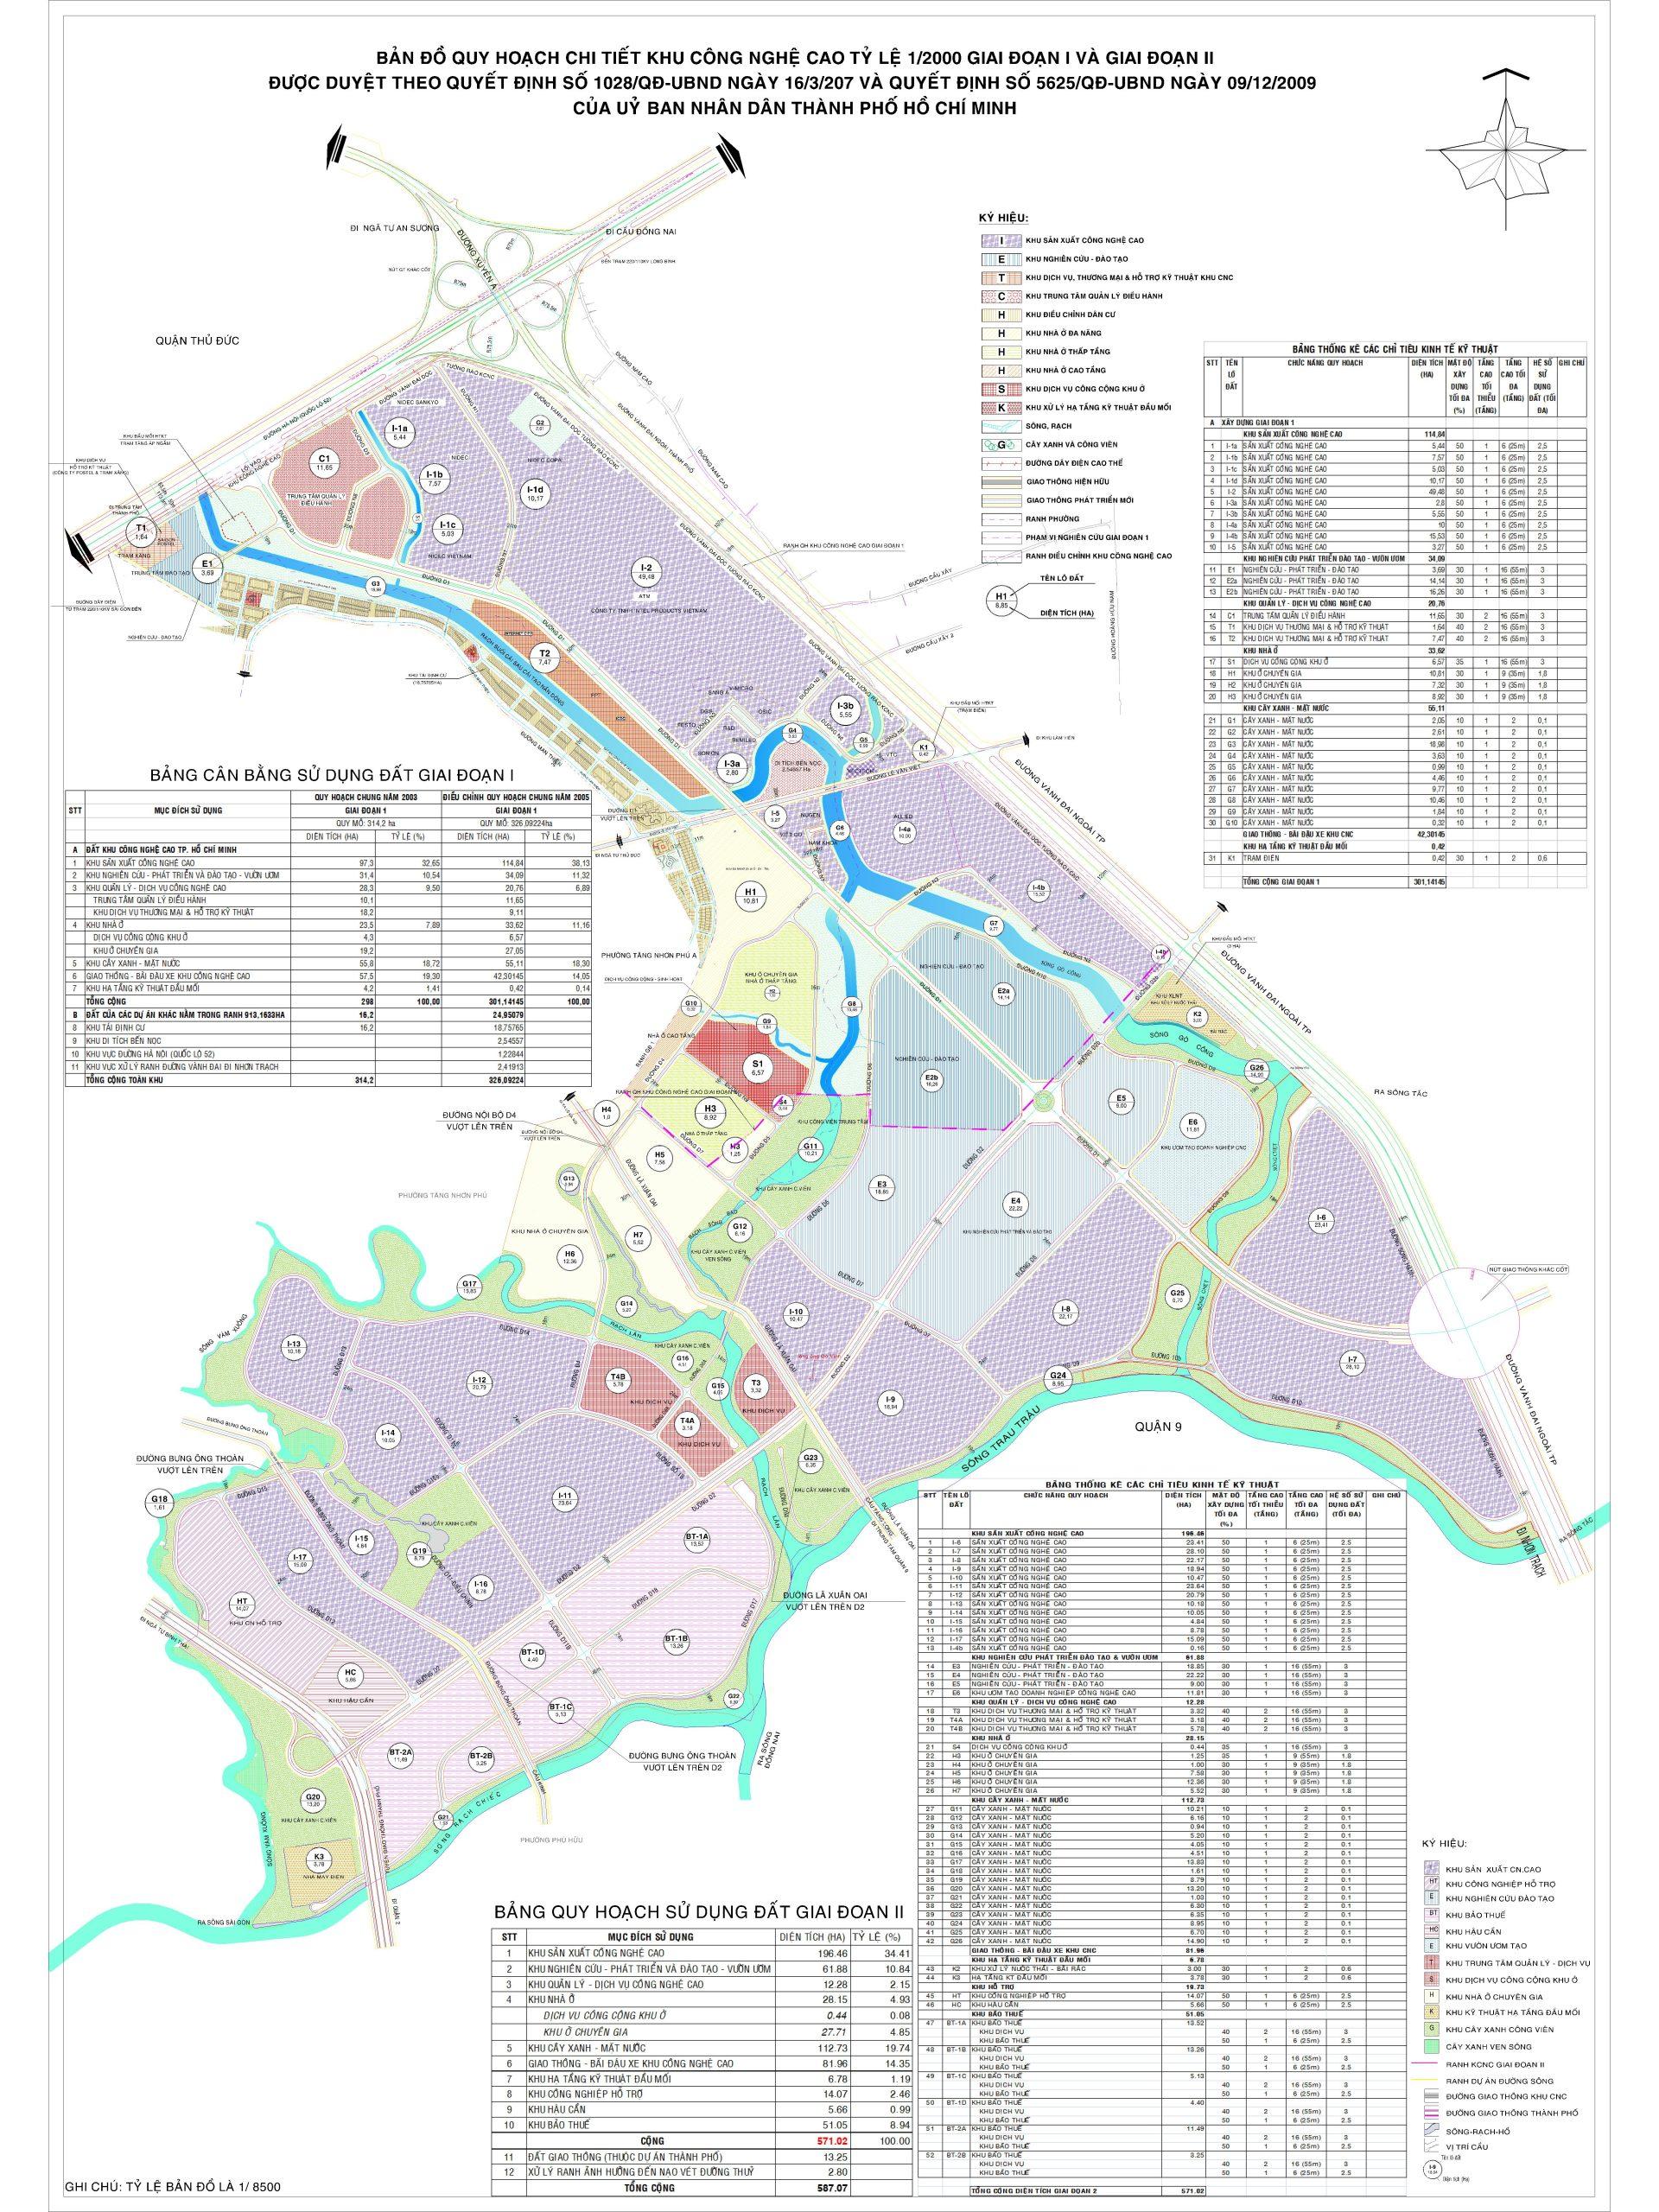 Bản đồ quy hoạch tổng thể khu công nghệ cao TPHCM quận 9